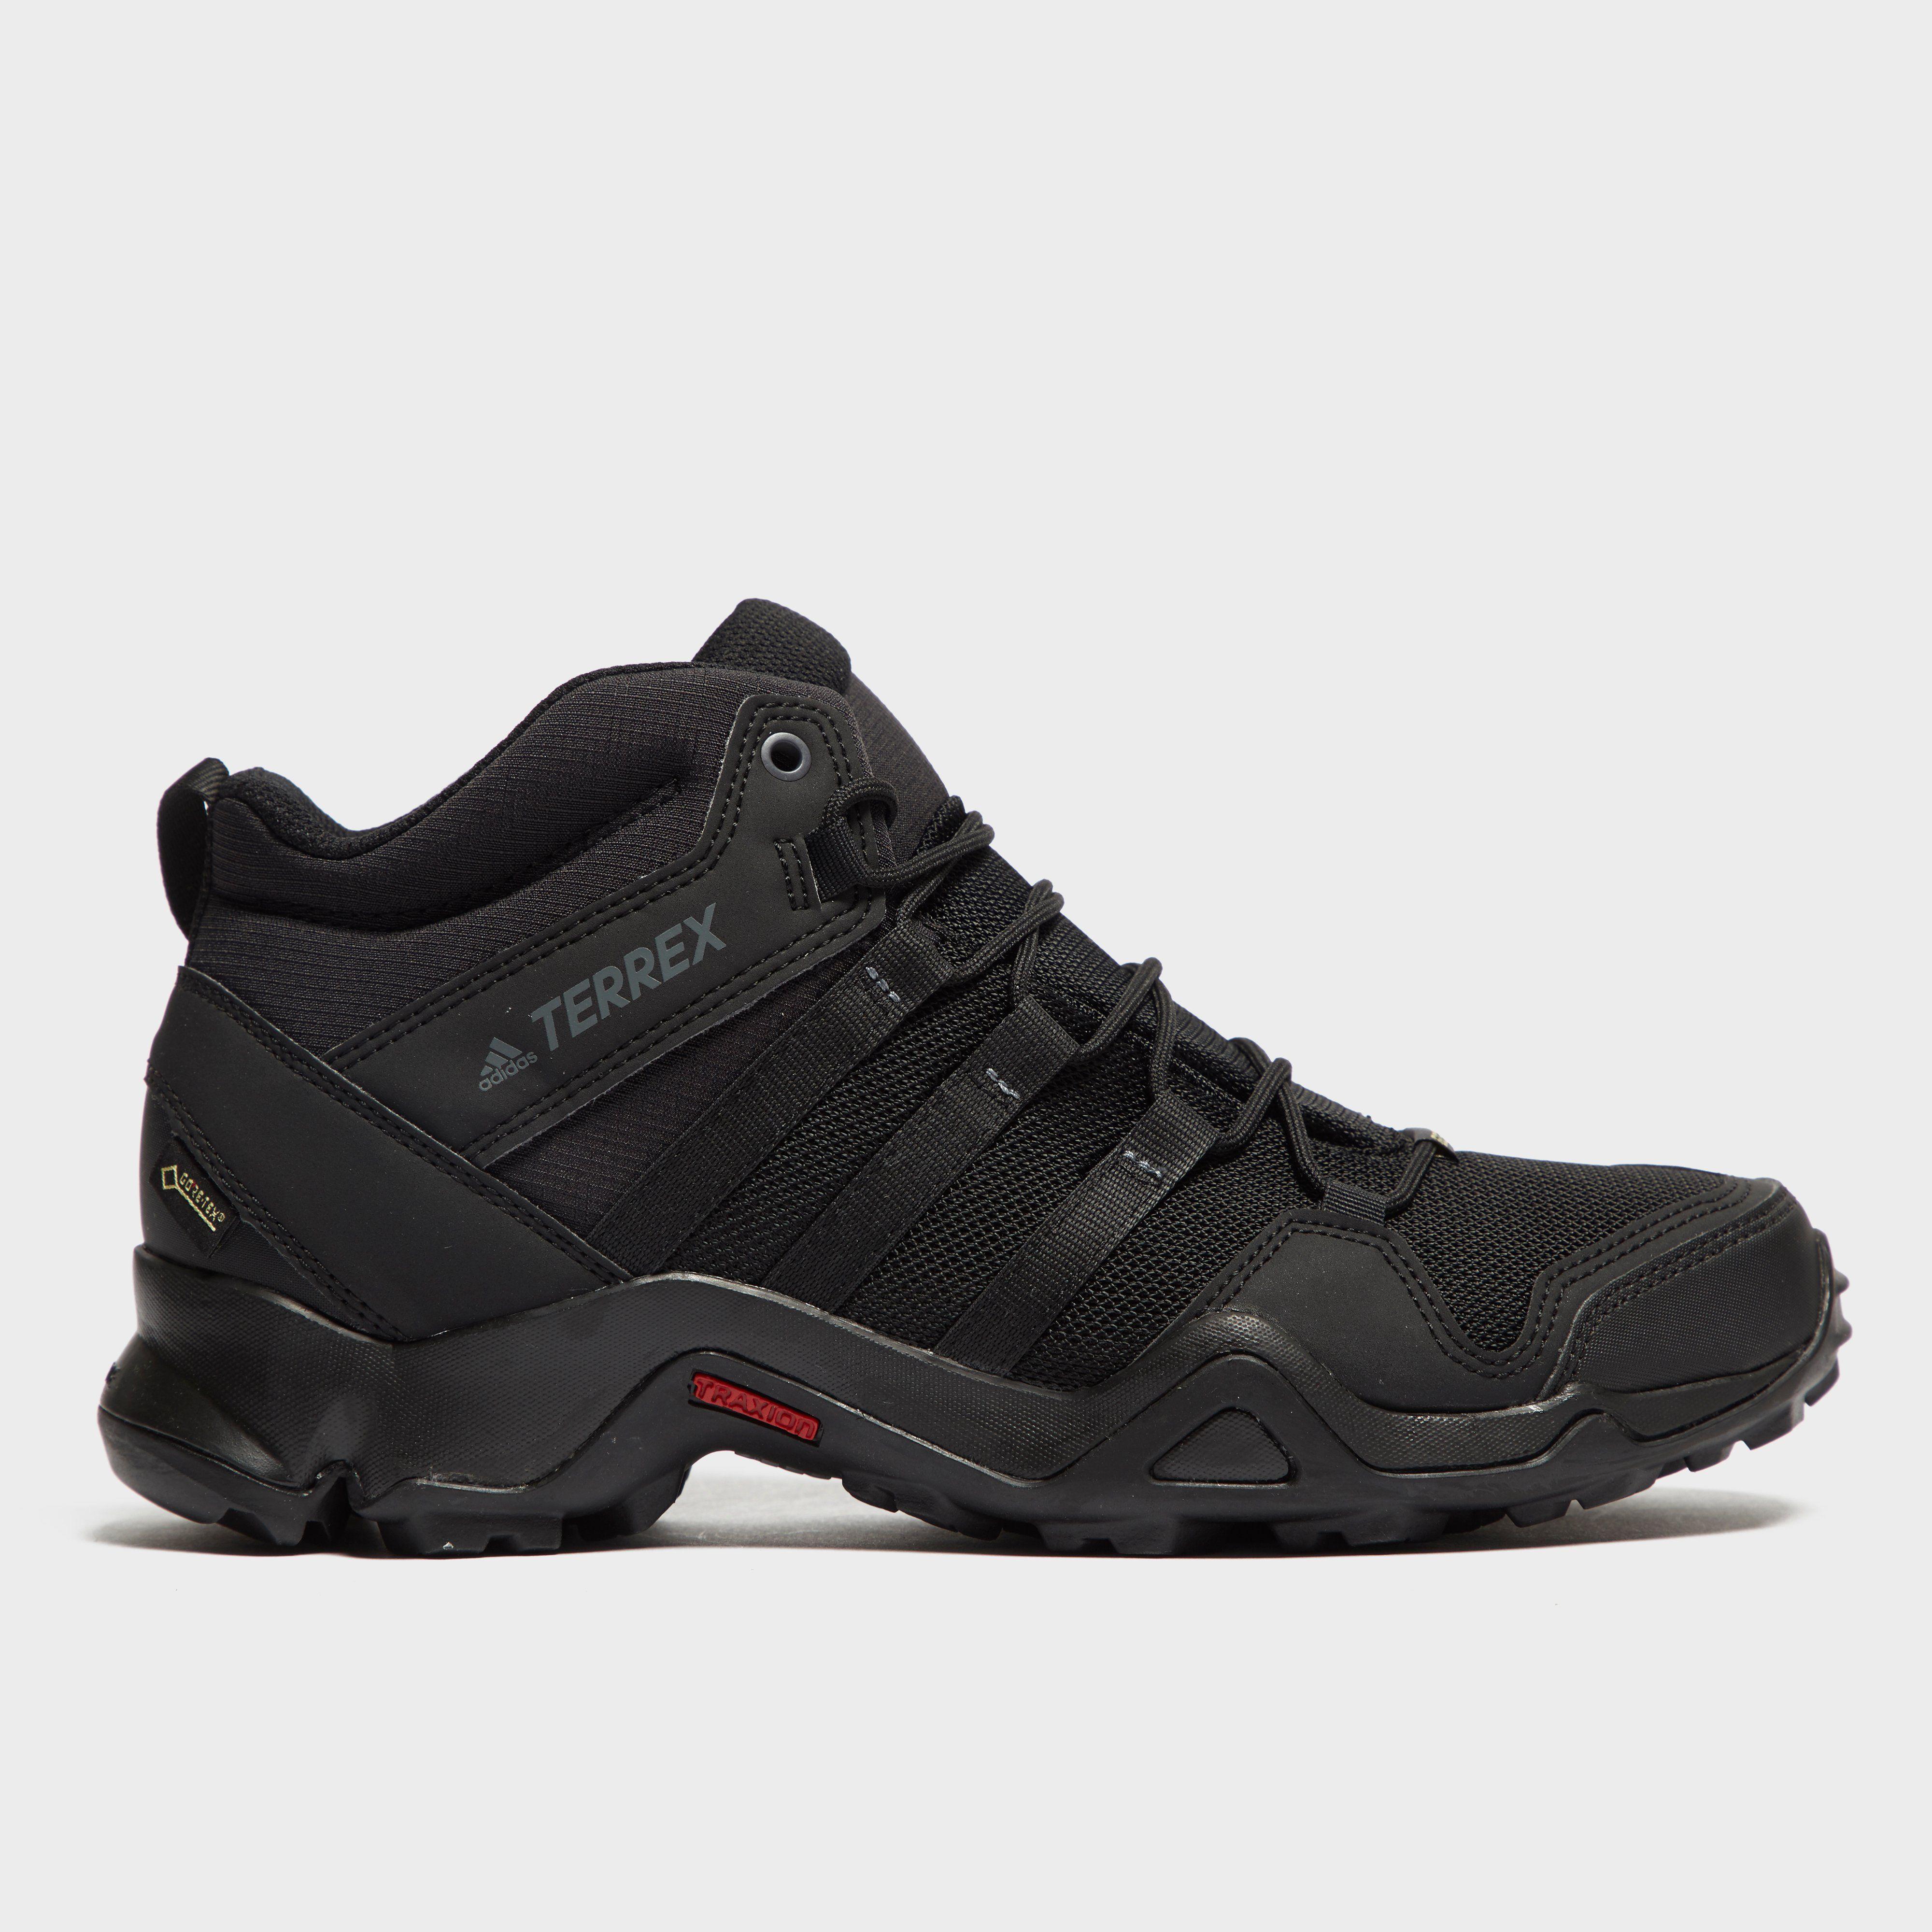 ADIDAS Men's AX2 GORE-TEX® Mid Boot